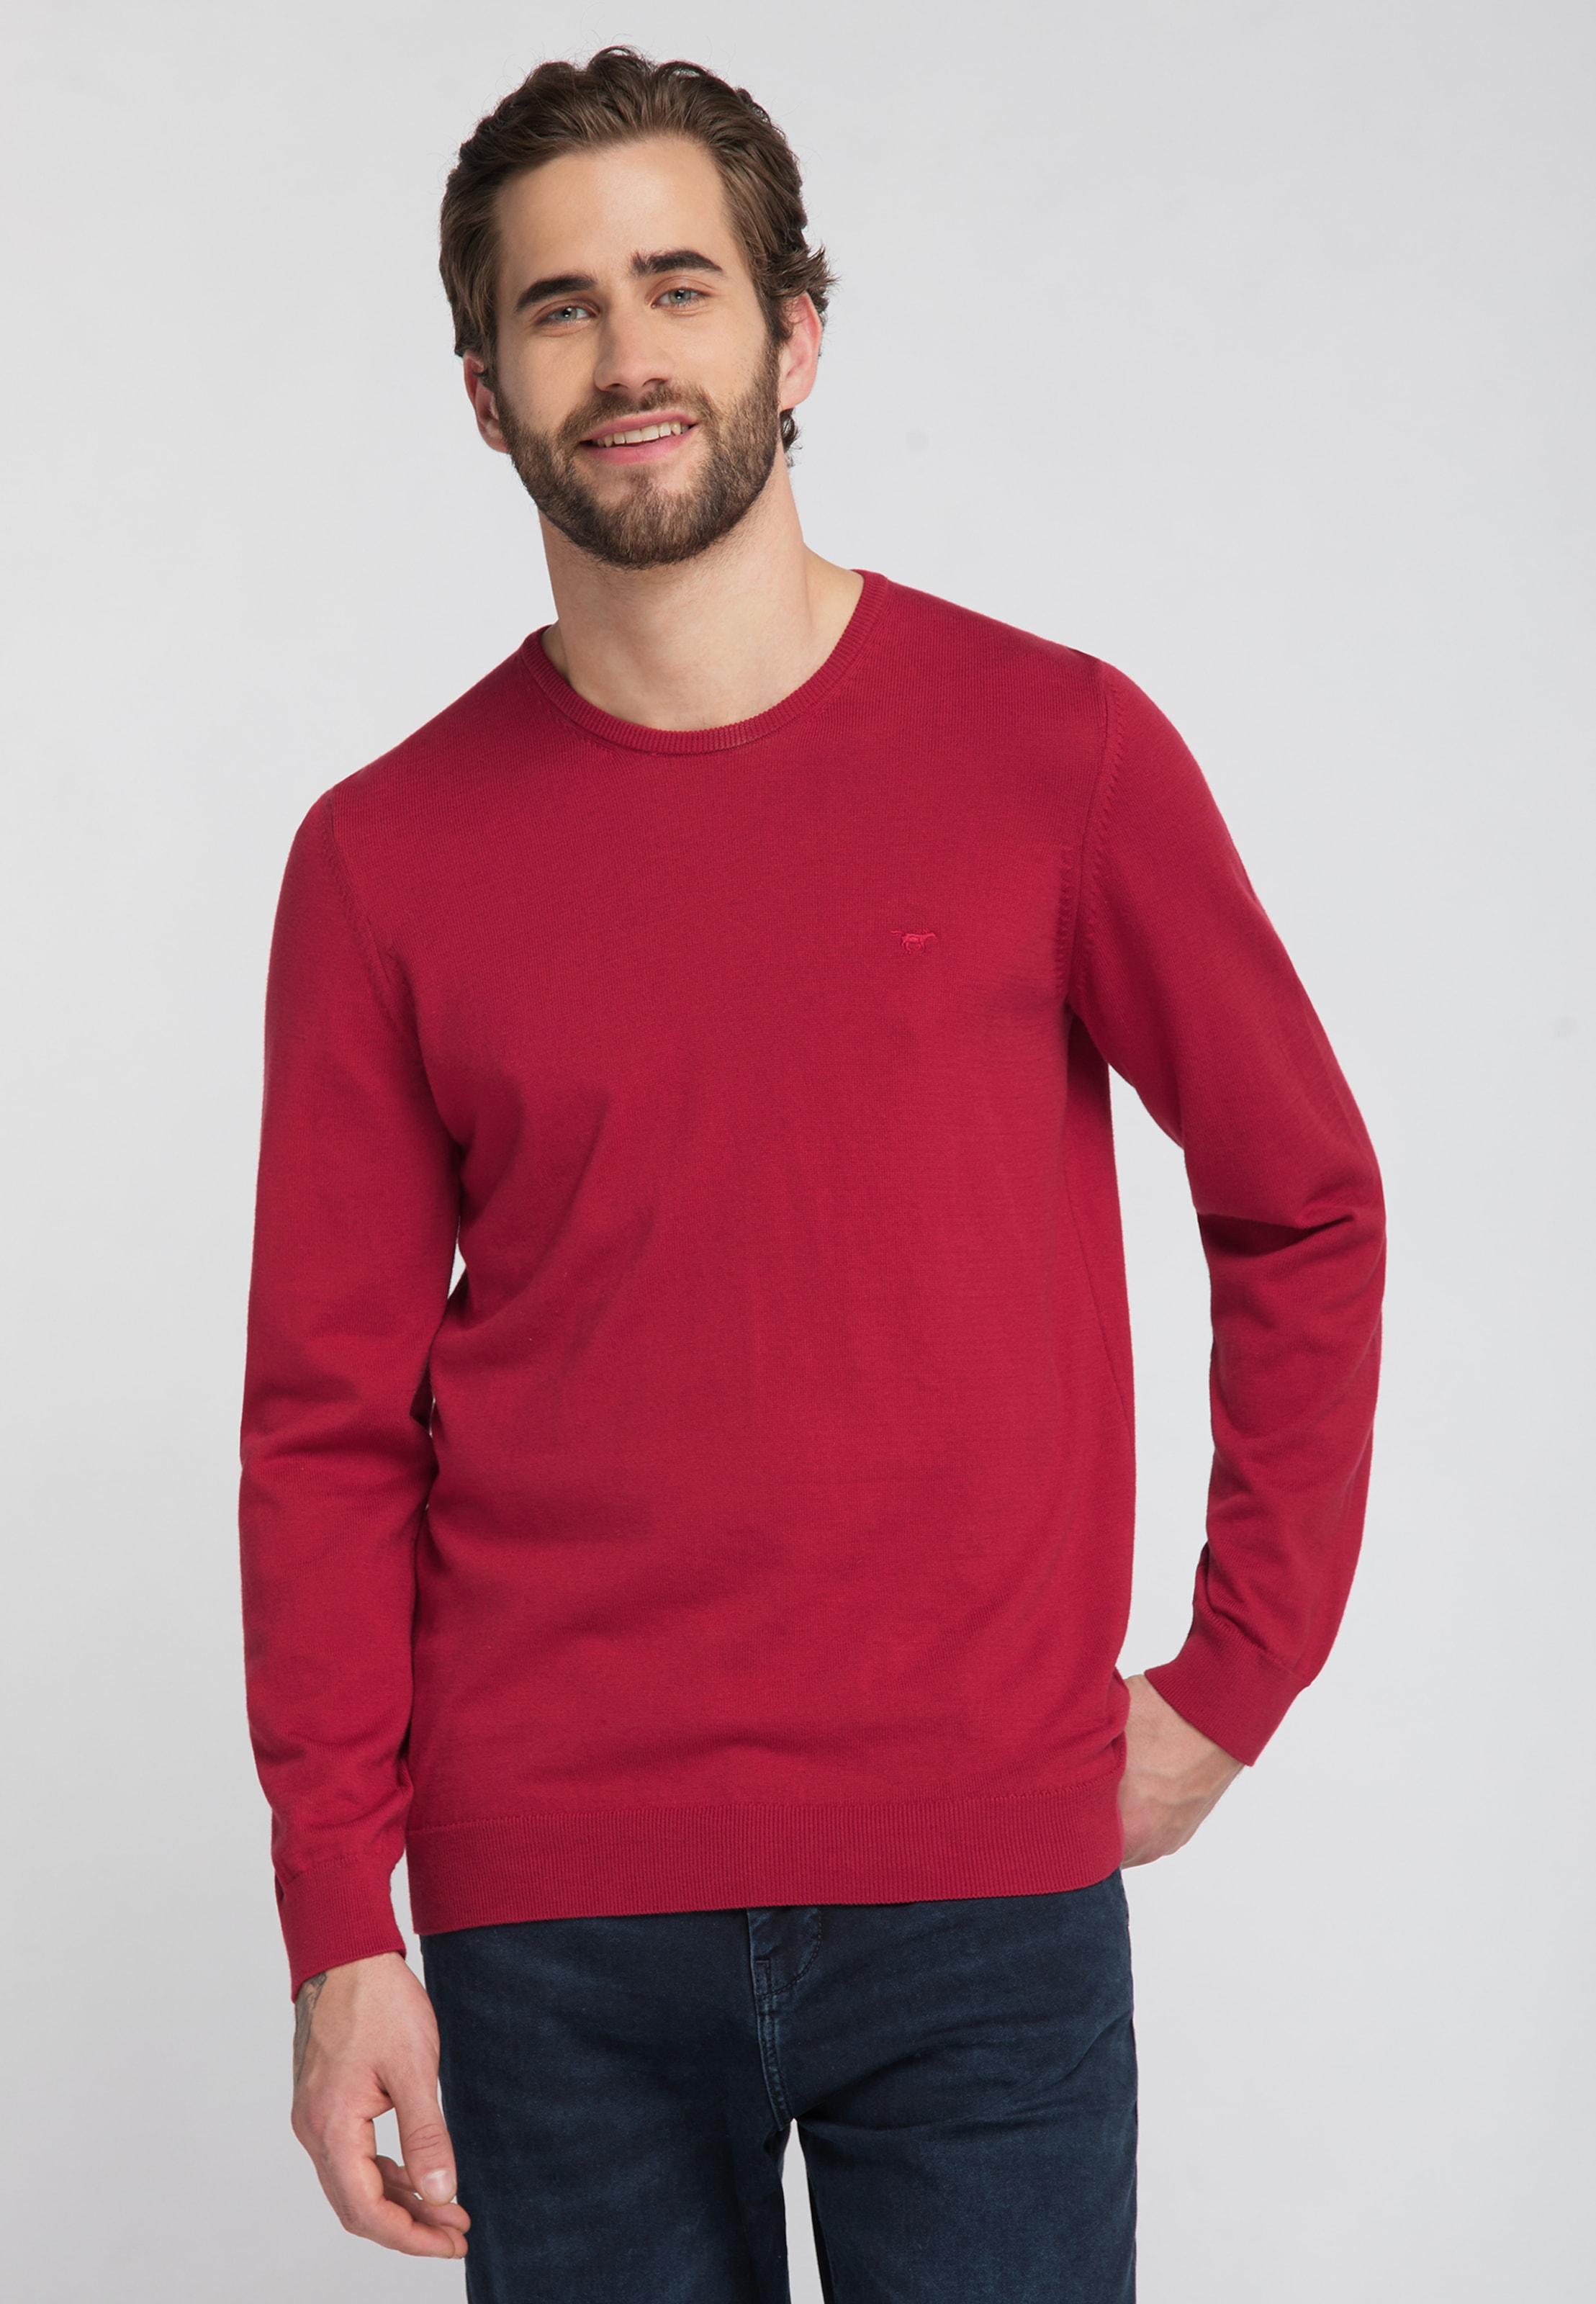 MUSTANG Sweater 'Emil C' in rot Sweatstoff 1008318000002